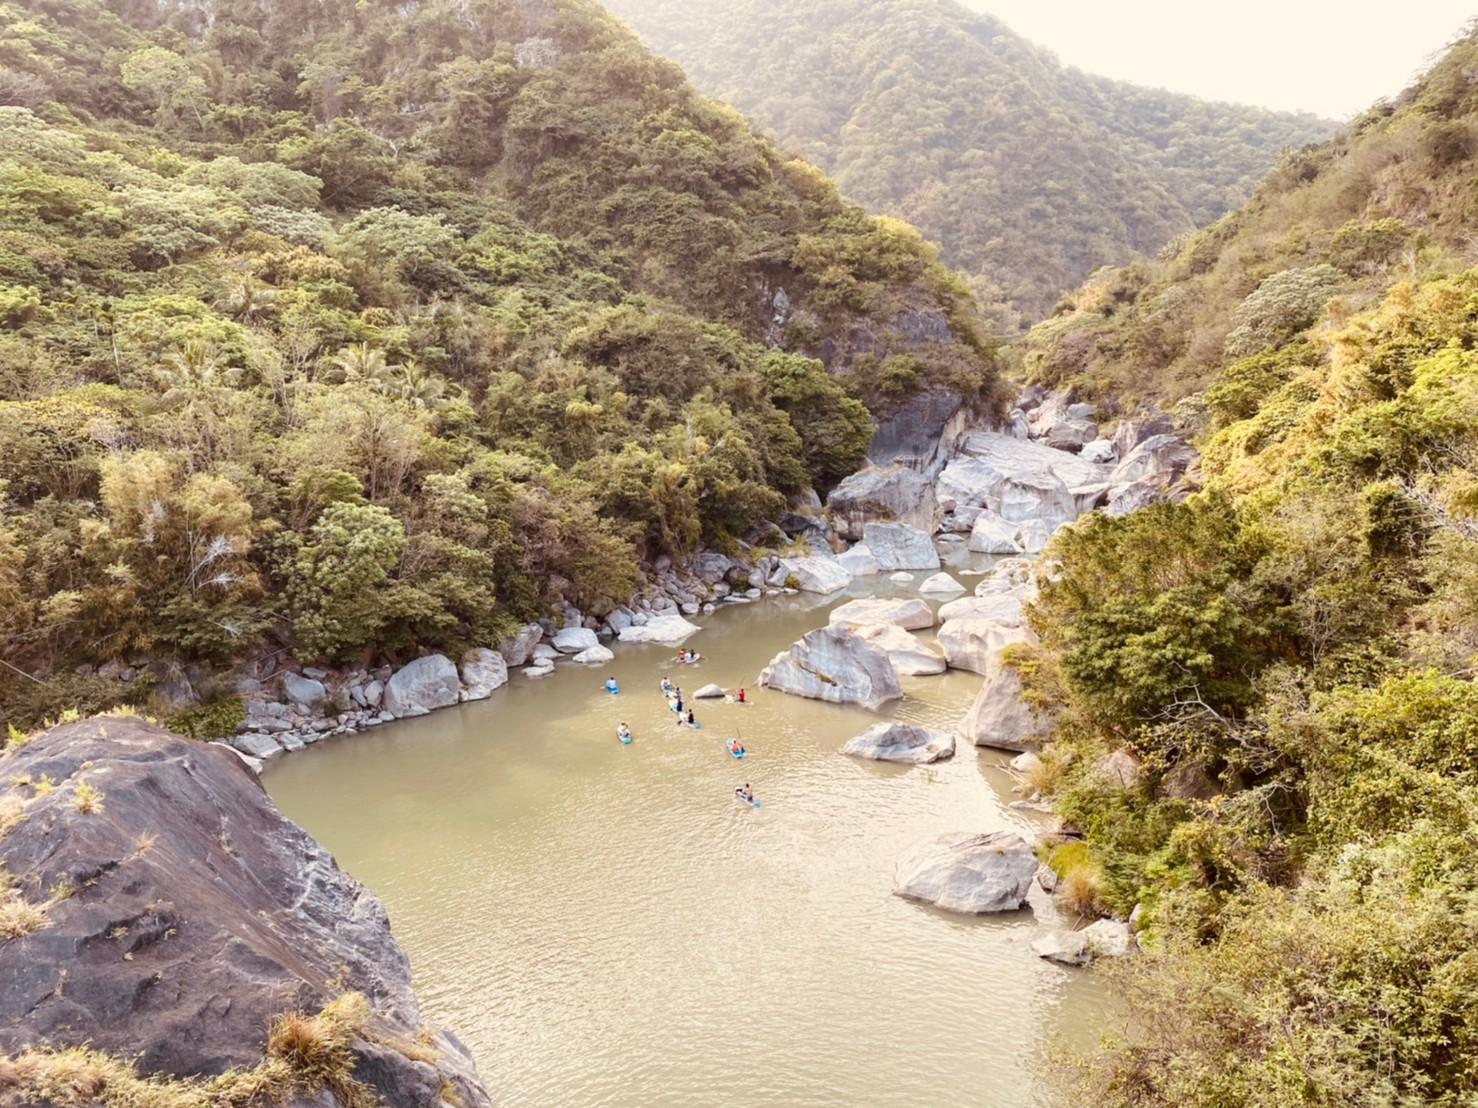 花東小旅行 到有小冰島之稱的台東馬武窟溪玩SUP吧!